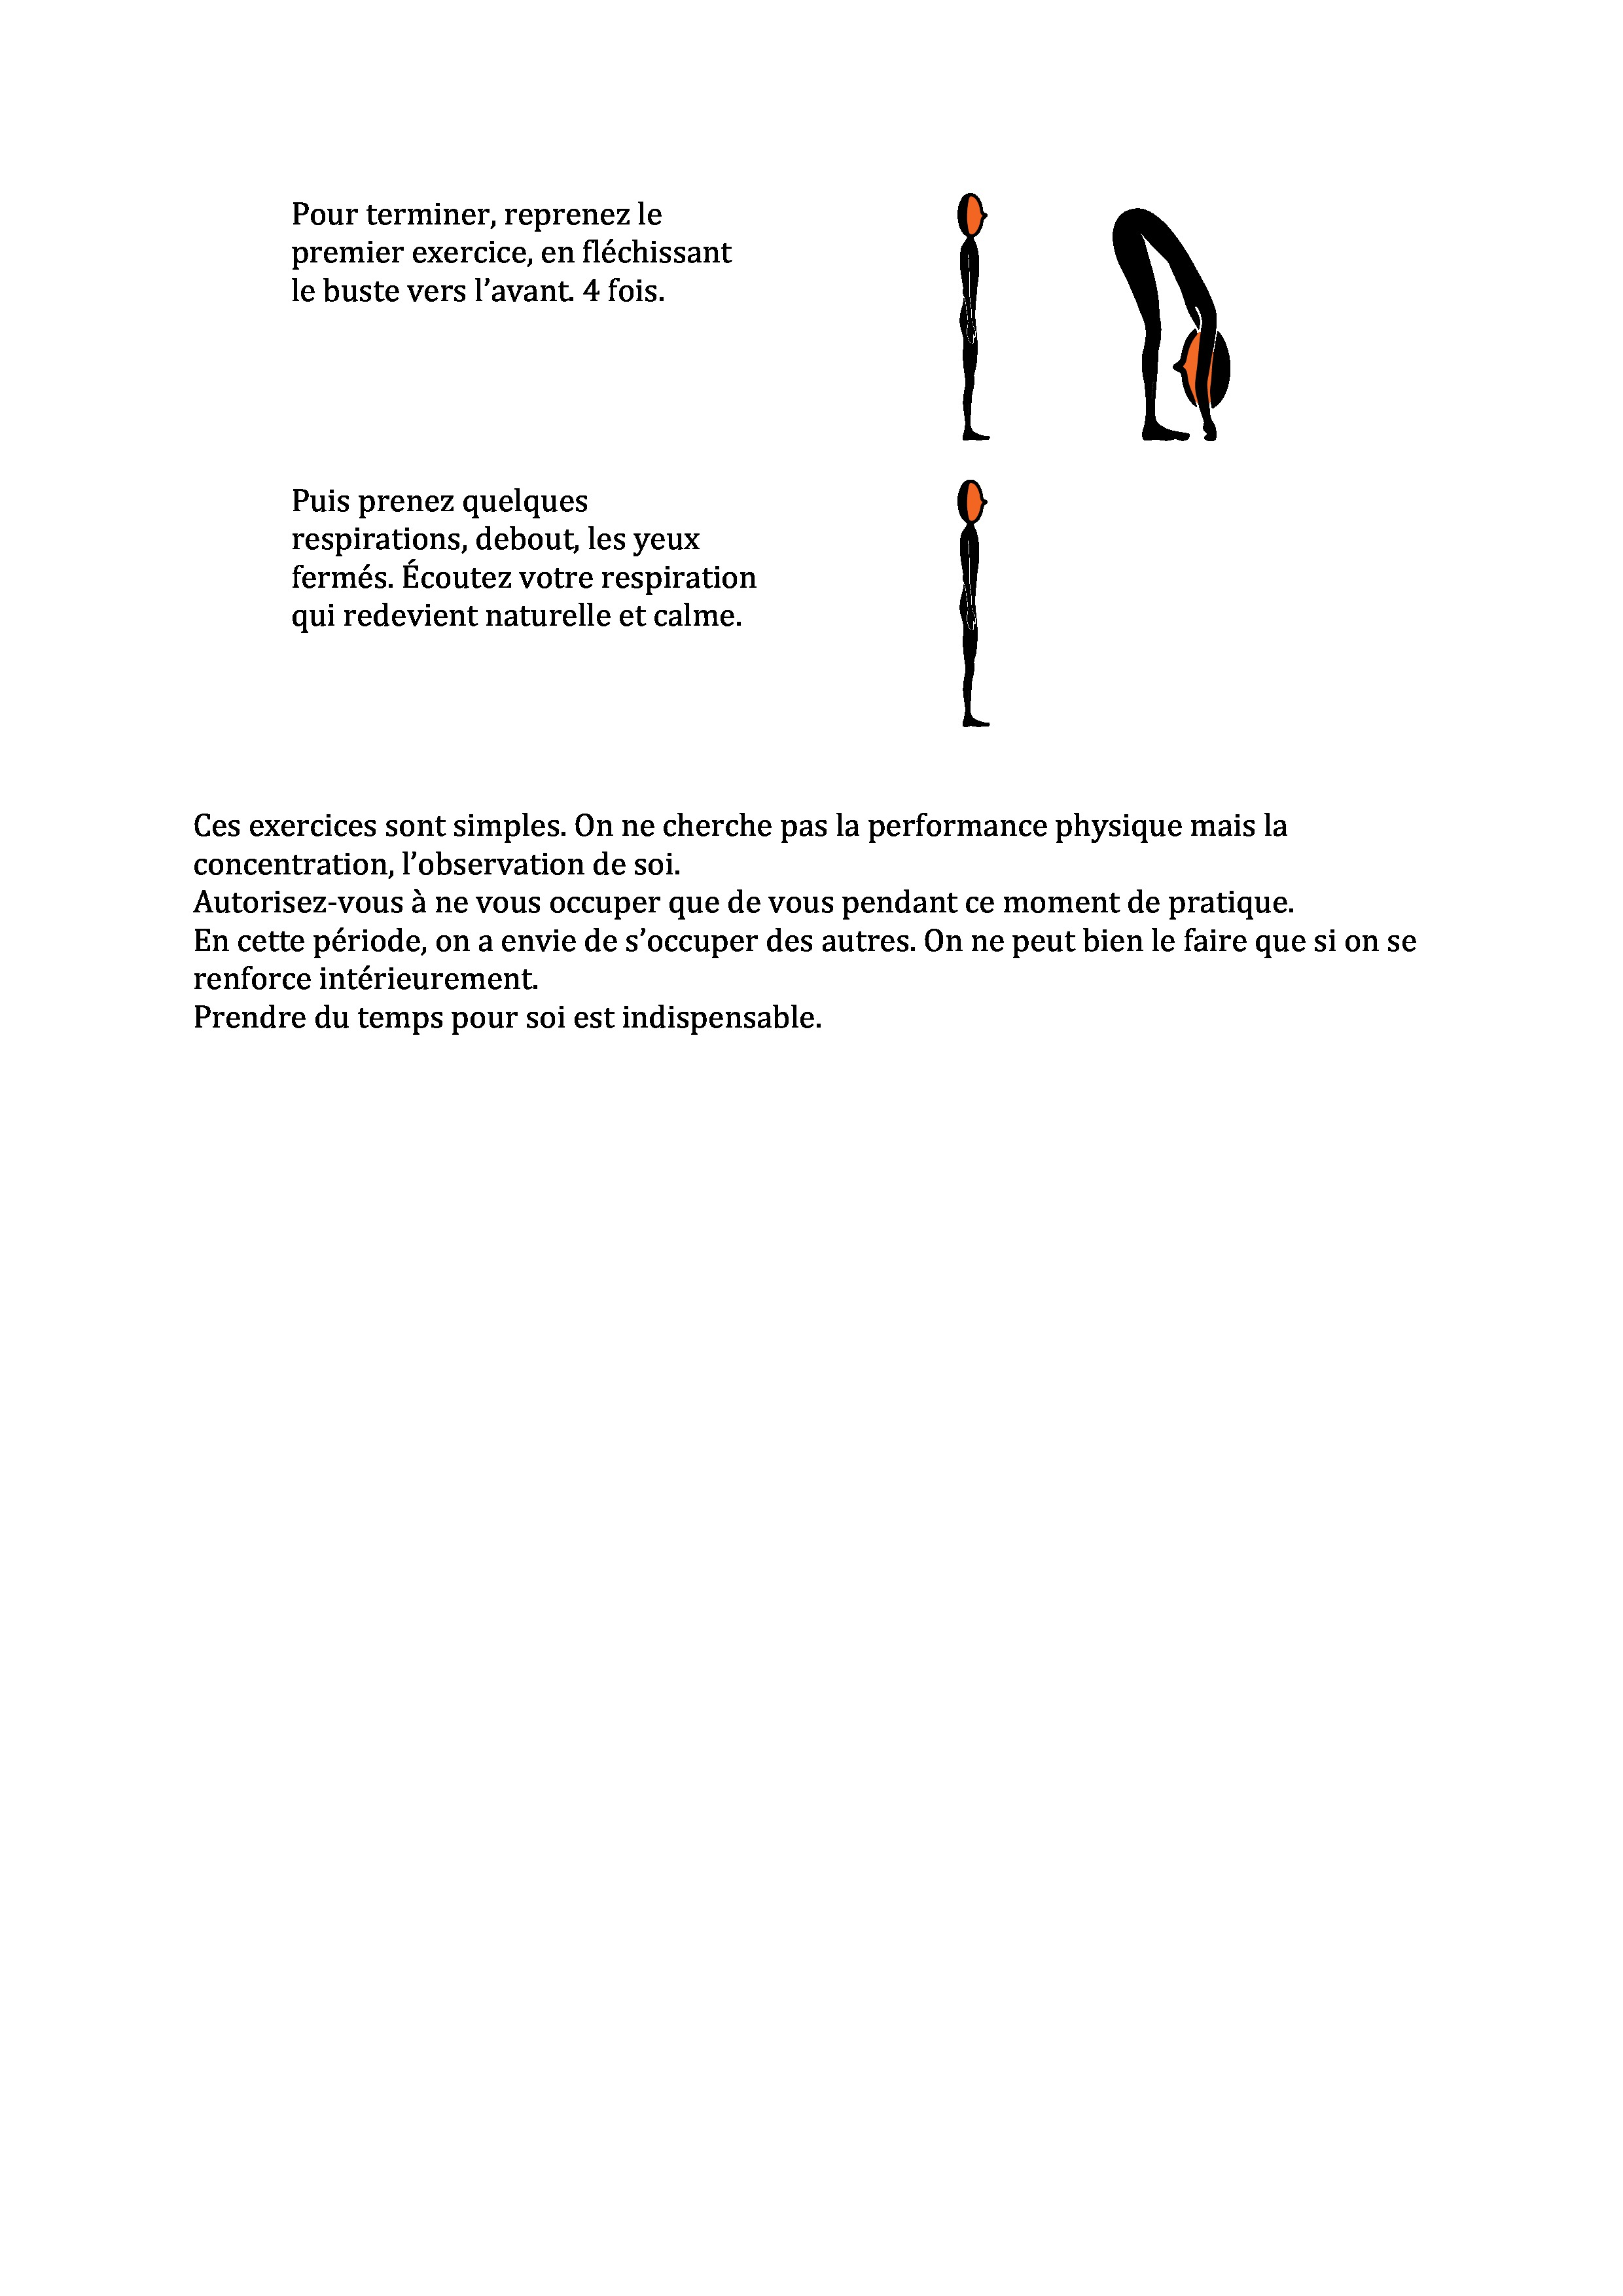 RÉCONFORT PAR LE YOGA-page-2.jpg